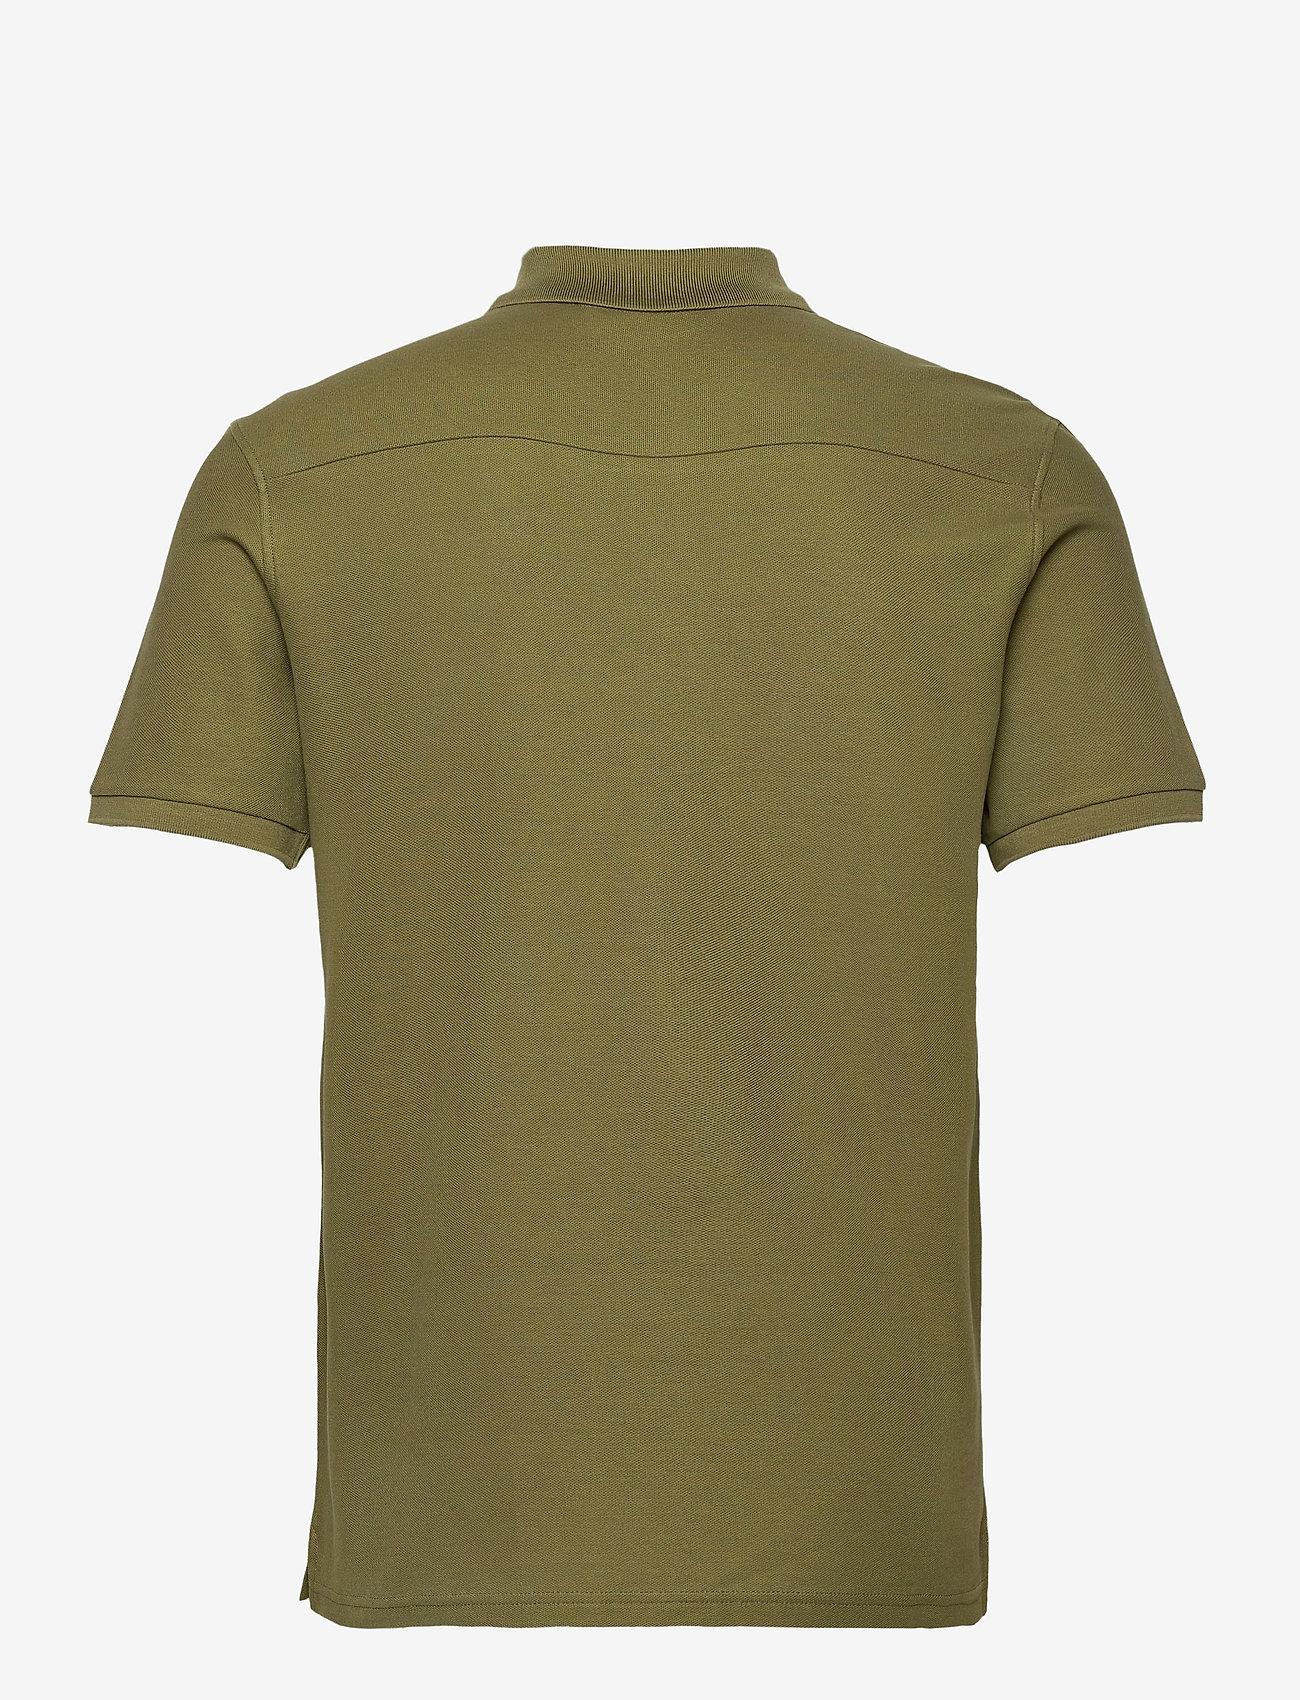 J. Lindeberg Troy Polo Shirt  Clean Pique - Poloskjorter MOSS GREEN - Menn Klær